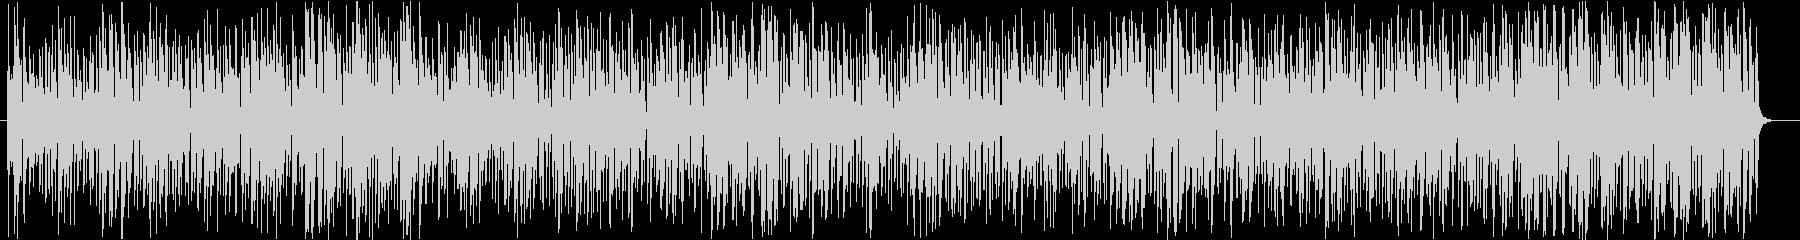 チェイスシーンのジプシージャズ※ドラム無の未再生の波形